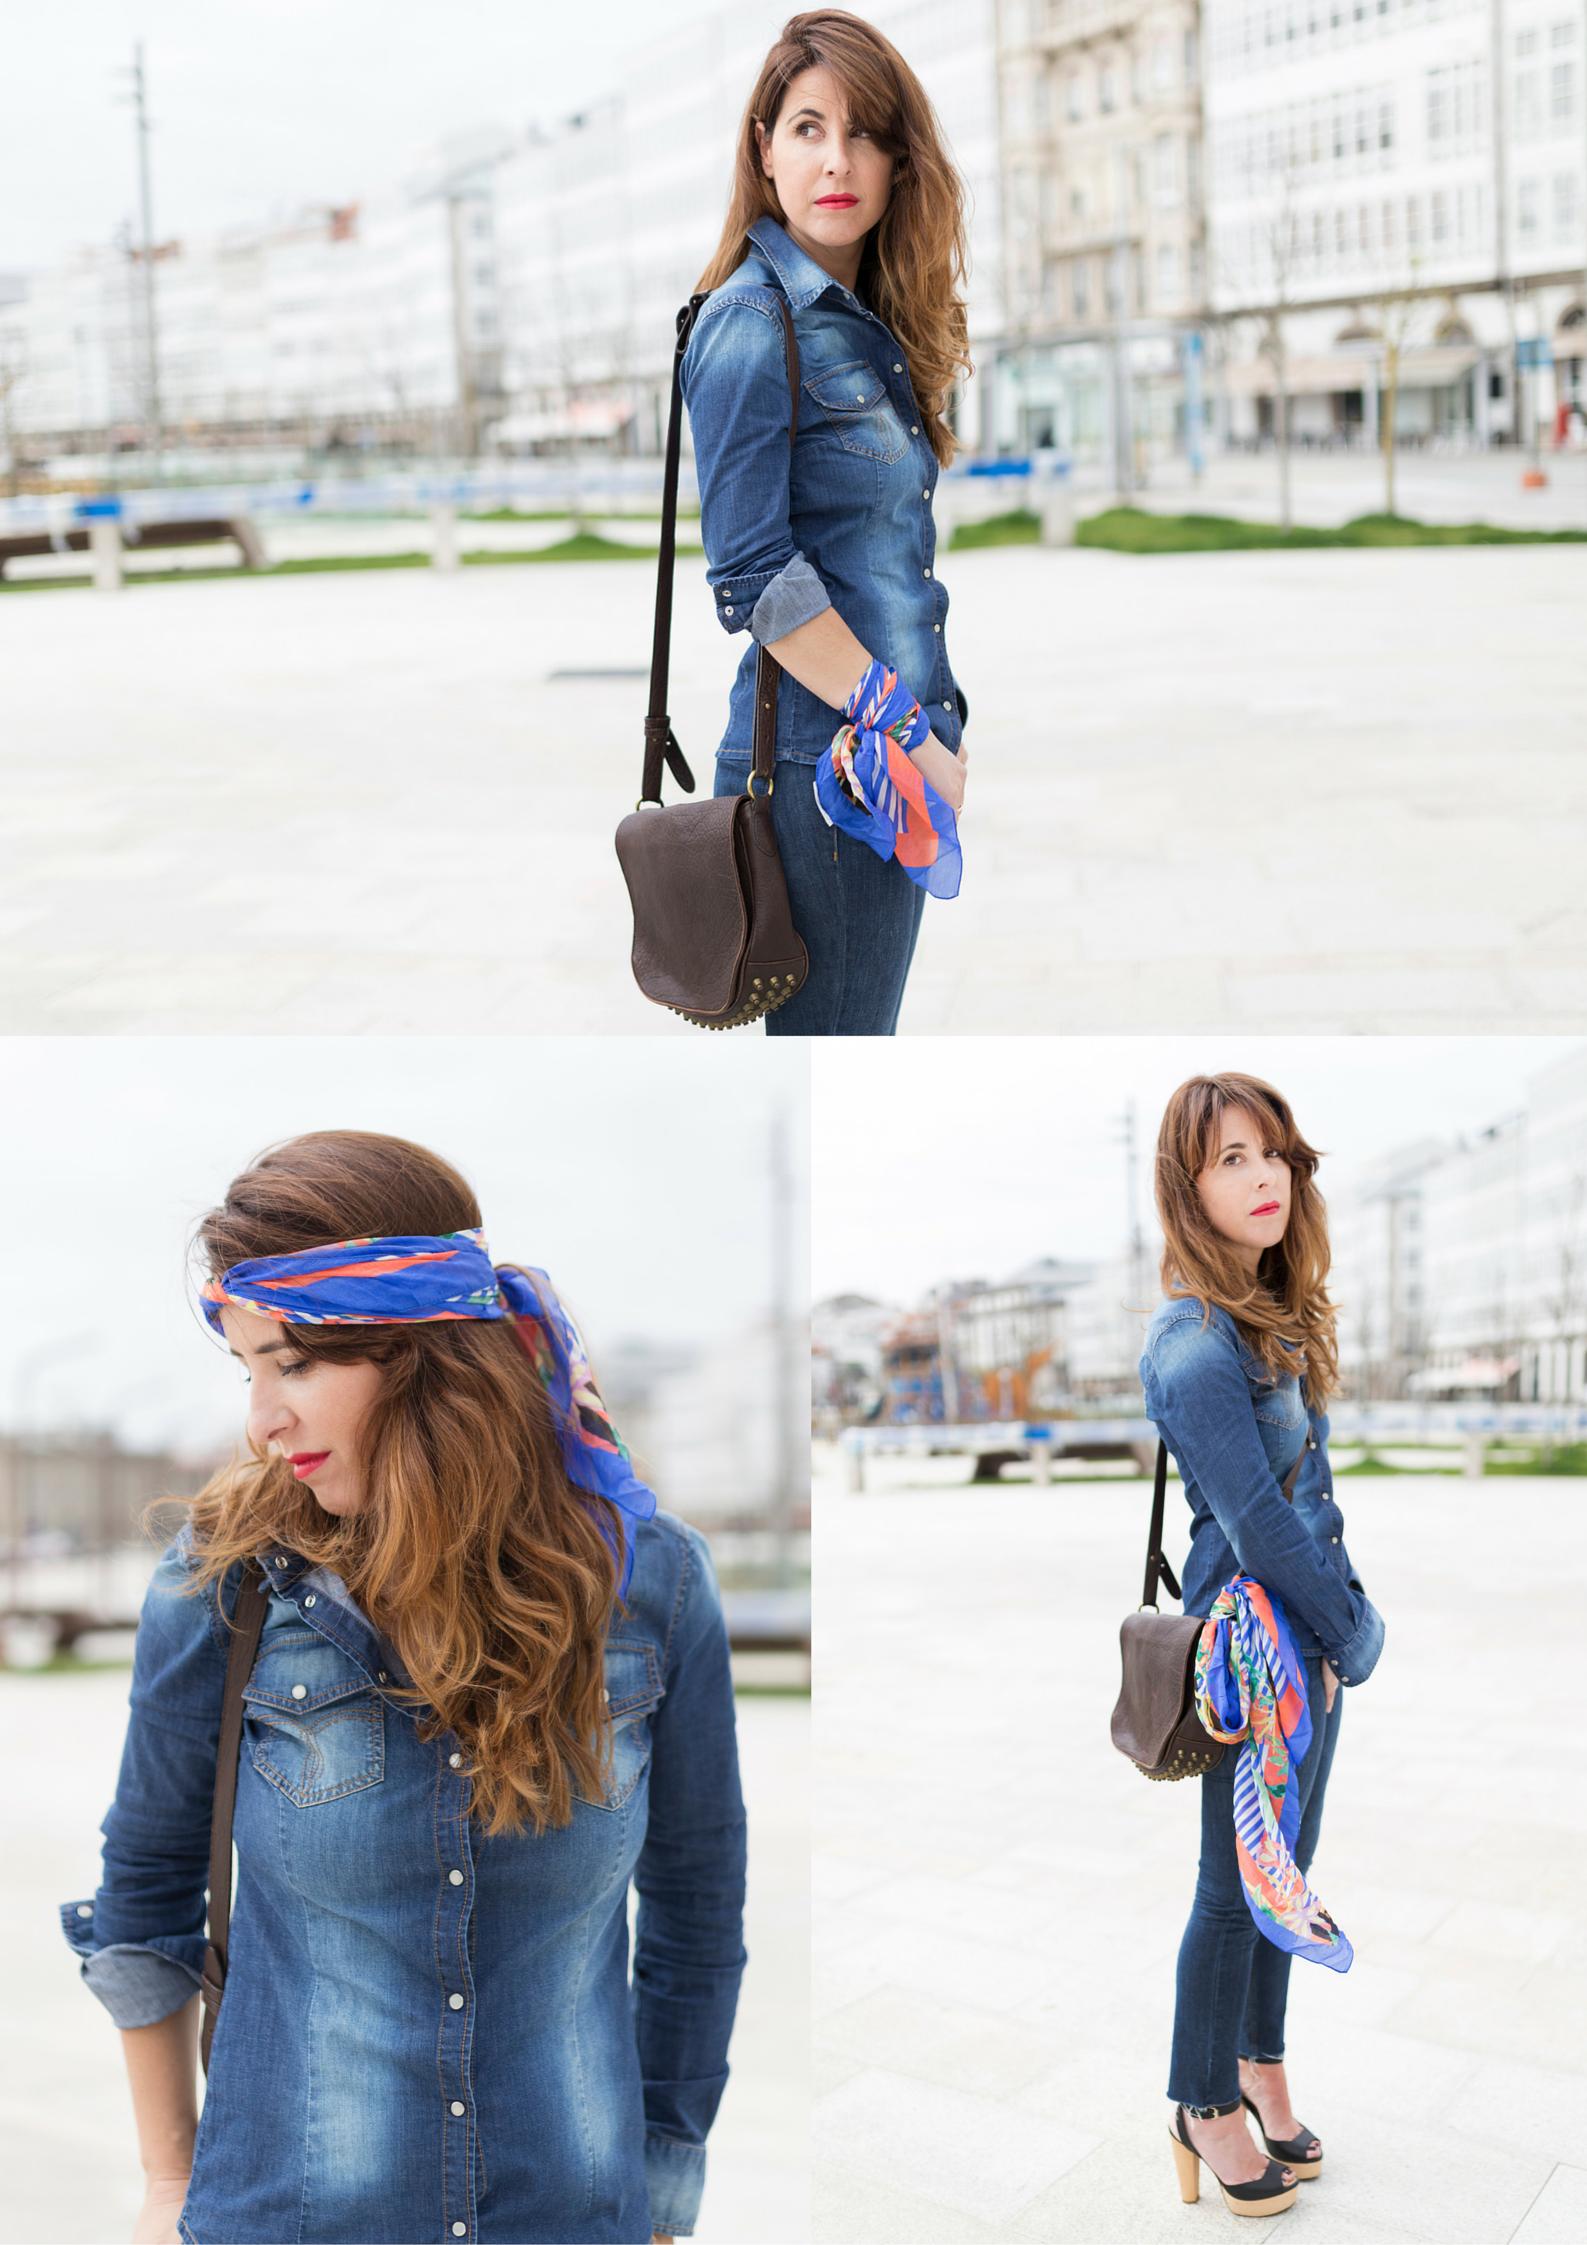 fular de seda- promod- denim-coruña- street-style- descalzaporelparque- día de la madre- regalo- scarf